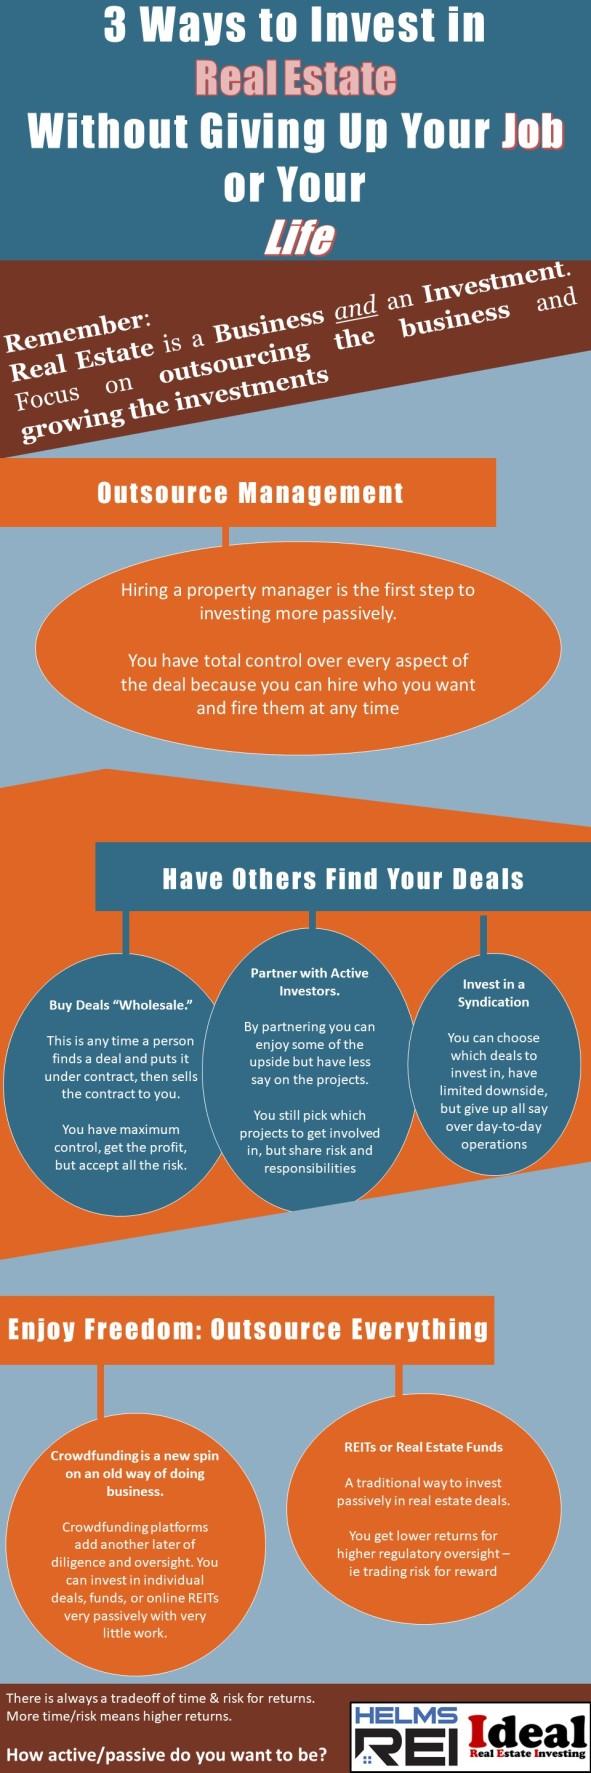 3 ways to invest